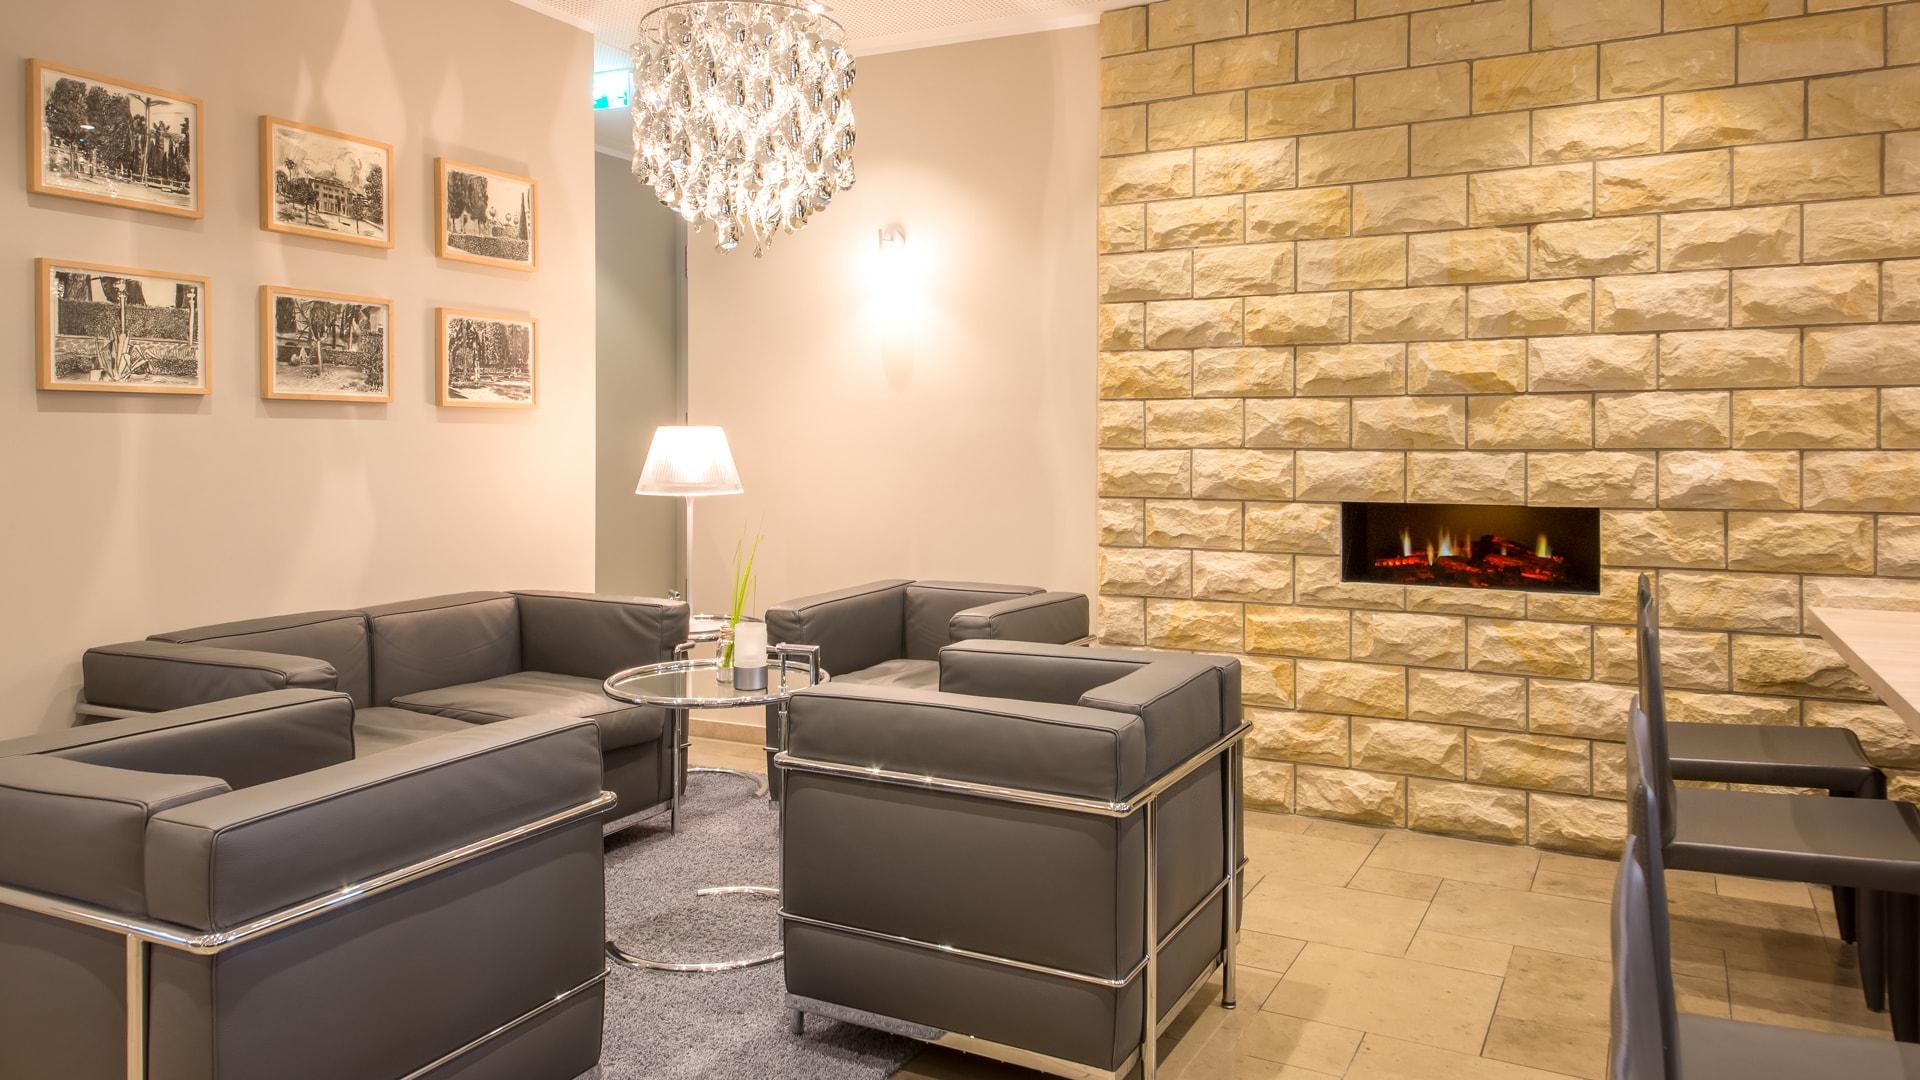 10 Michels_Hotels_Inselhotel_Vier_Jahreszeiten_Seehundbar_Louge